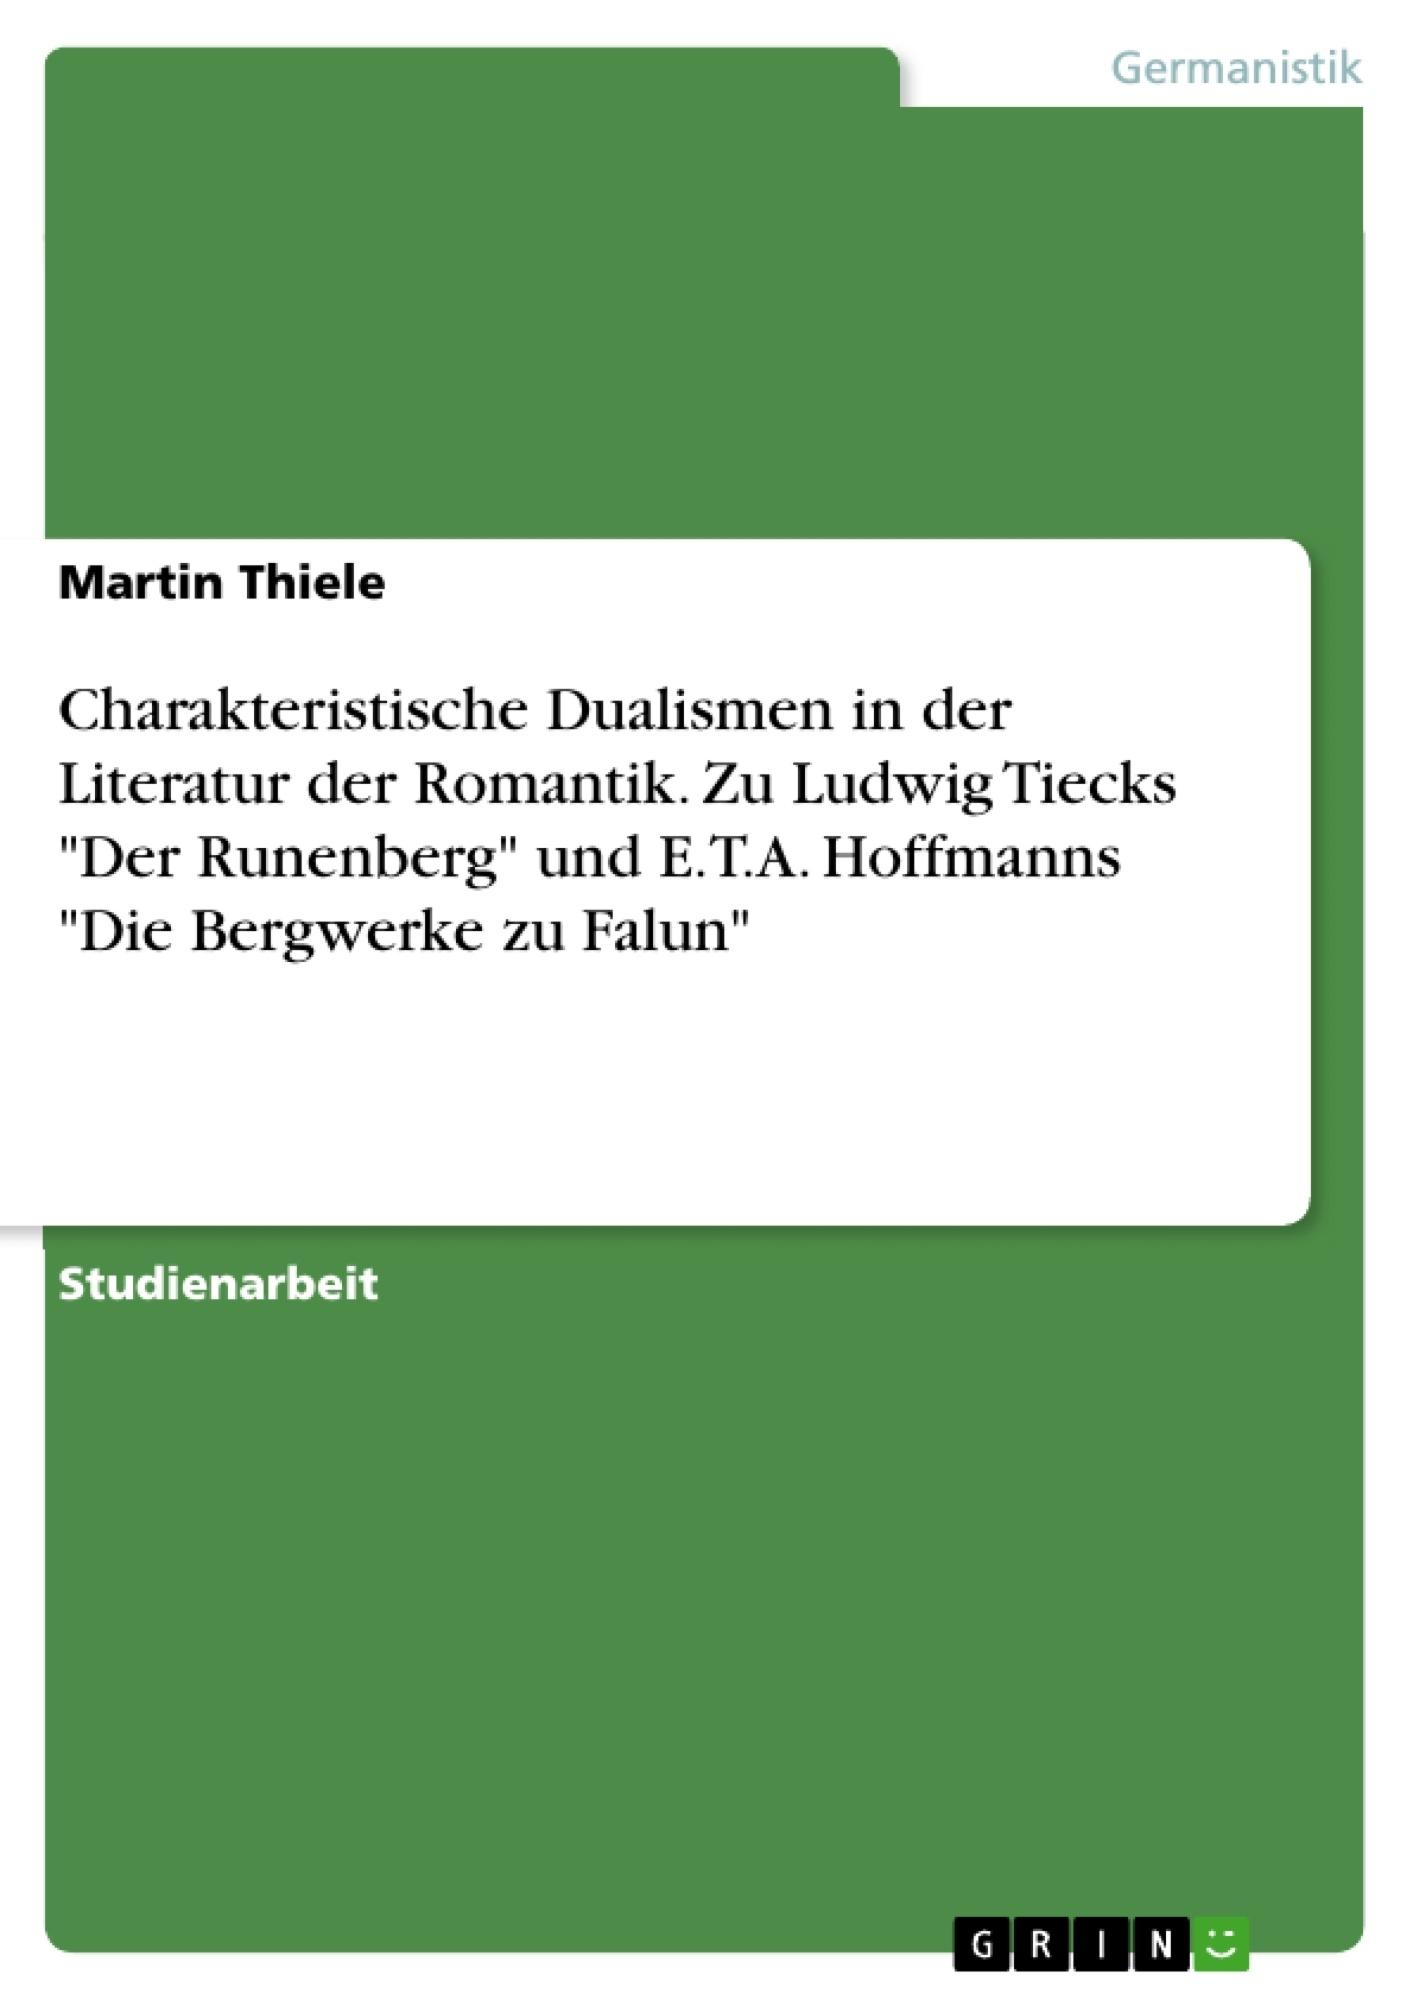 """Titel: Charakteristische Dualismen in der Literatur der Romantik. Zu Ludwig Tiecks """"Der Runenberg"""" und E.T.A. Hoffmanns """"Die Bergwerke zu Falun"""""""